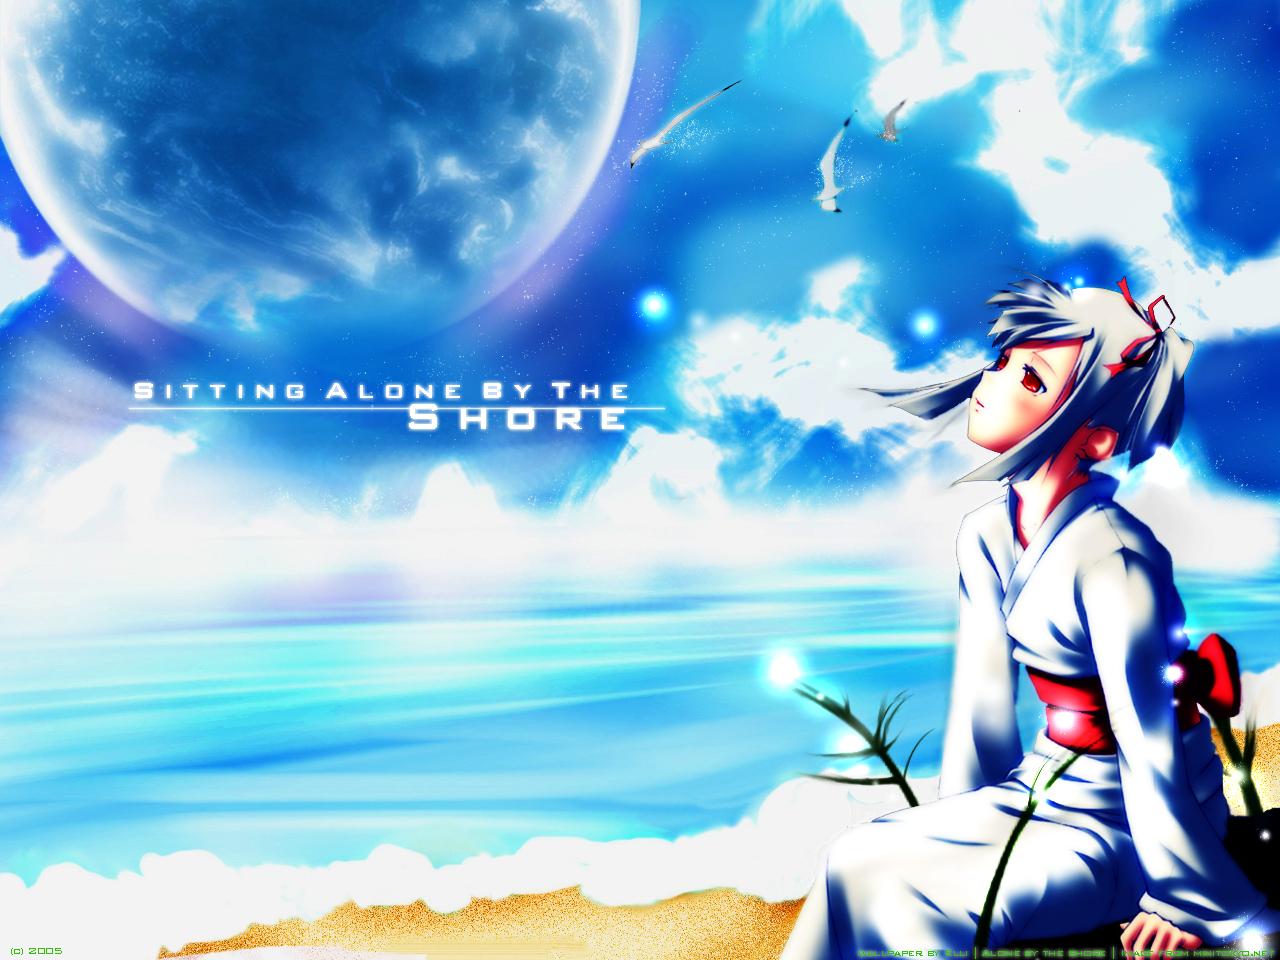 Anime Wallpaper: -::Alone by the shore::- - Minitokyo